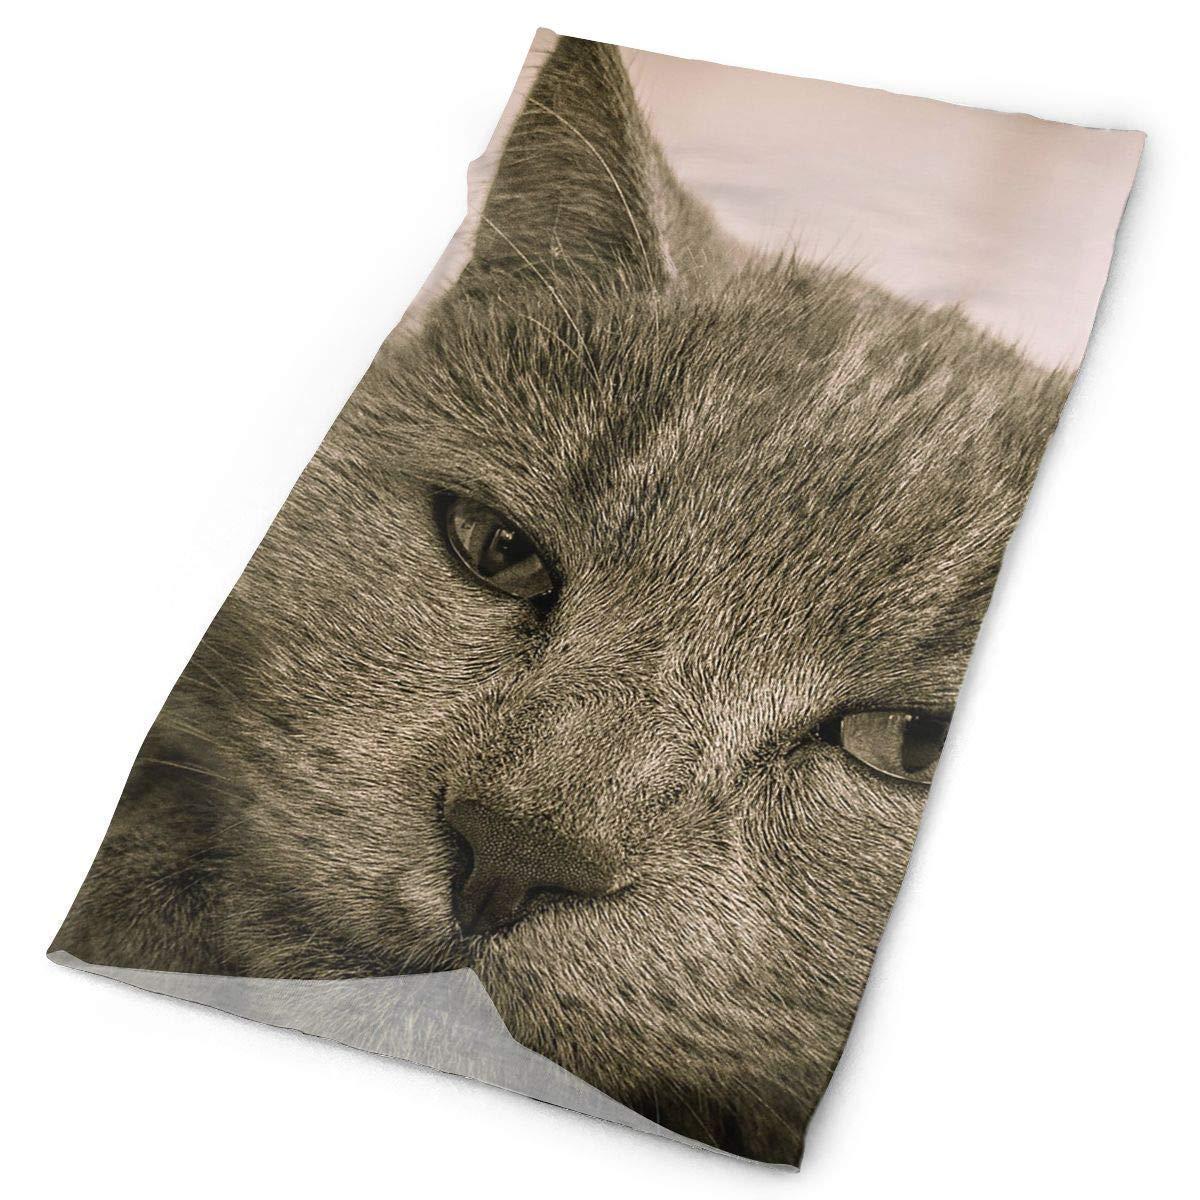 Bikofhd Stirnbänder graue Katze Kopfbedeckung Bandana Schweißband Gamasche Kopf Wickeln Maske Hals Outdoor Schal Unisex3